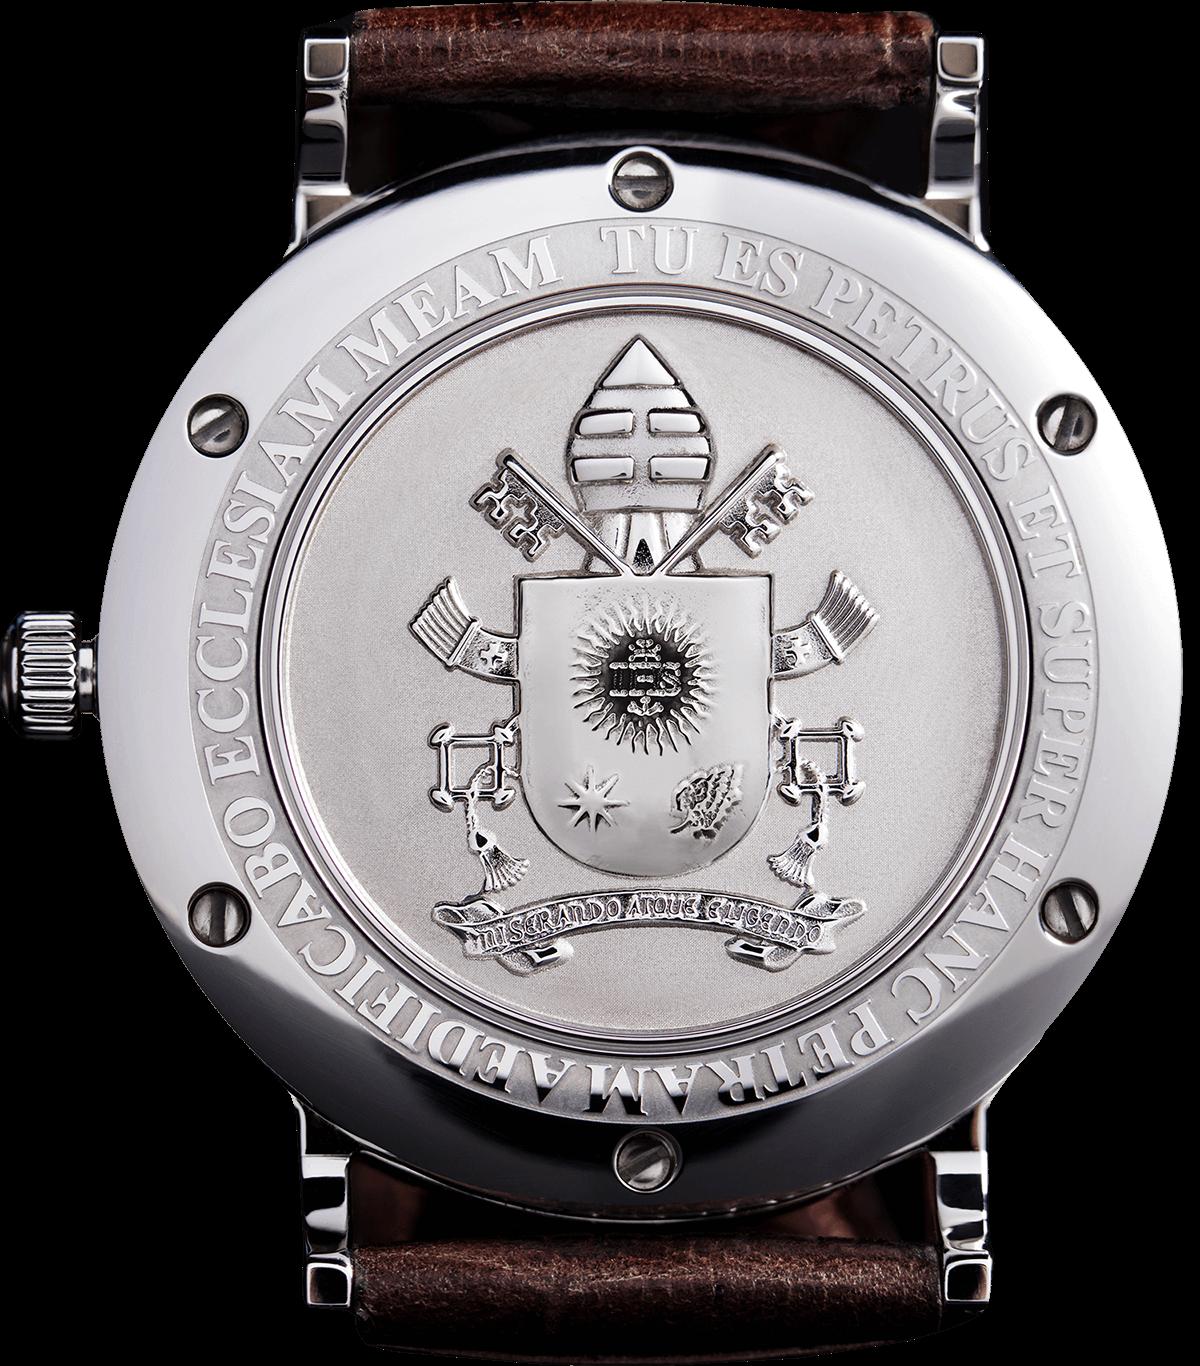 Petrus, orologio di Papa Francesco con stemma del Vaticano, vista del retro con stemma papale